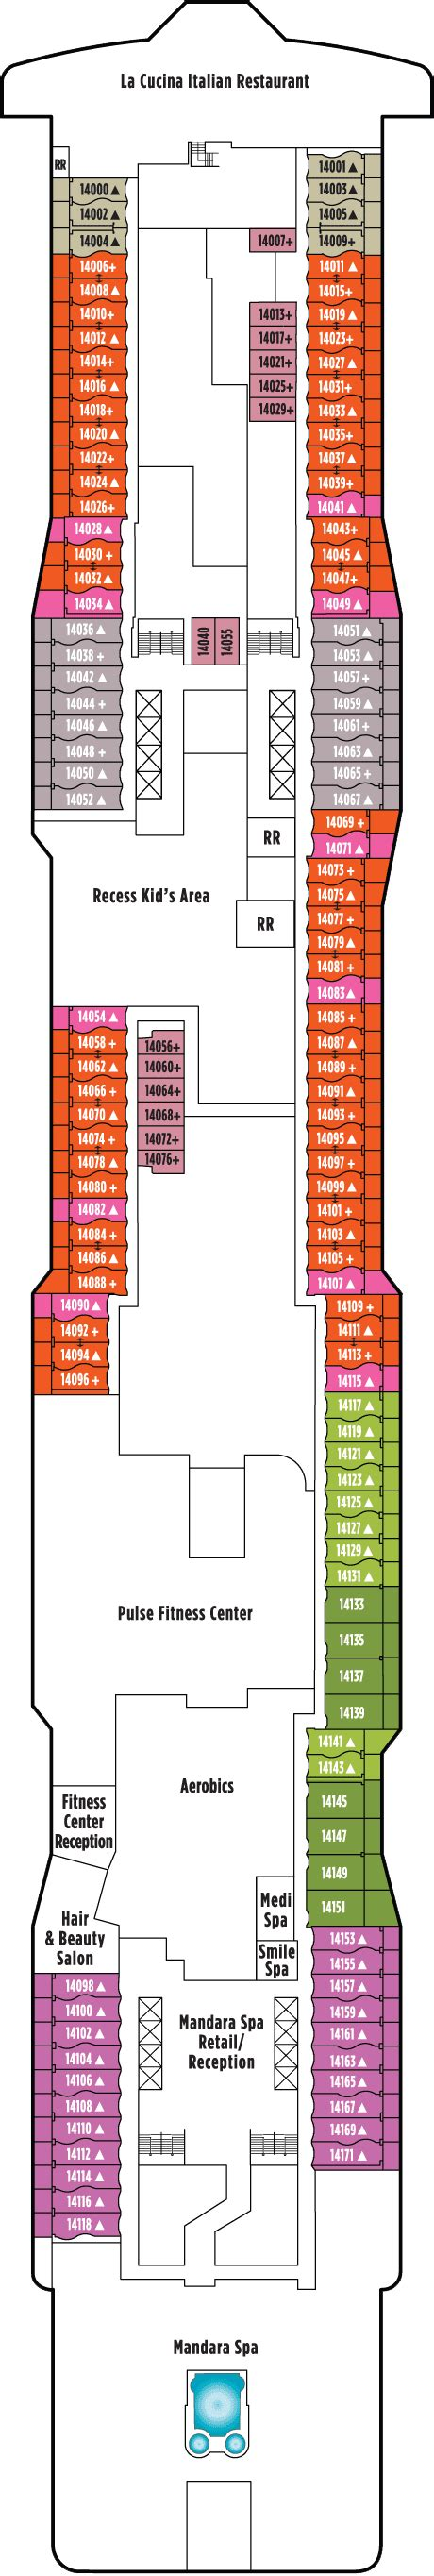 norwegian epic deck plan